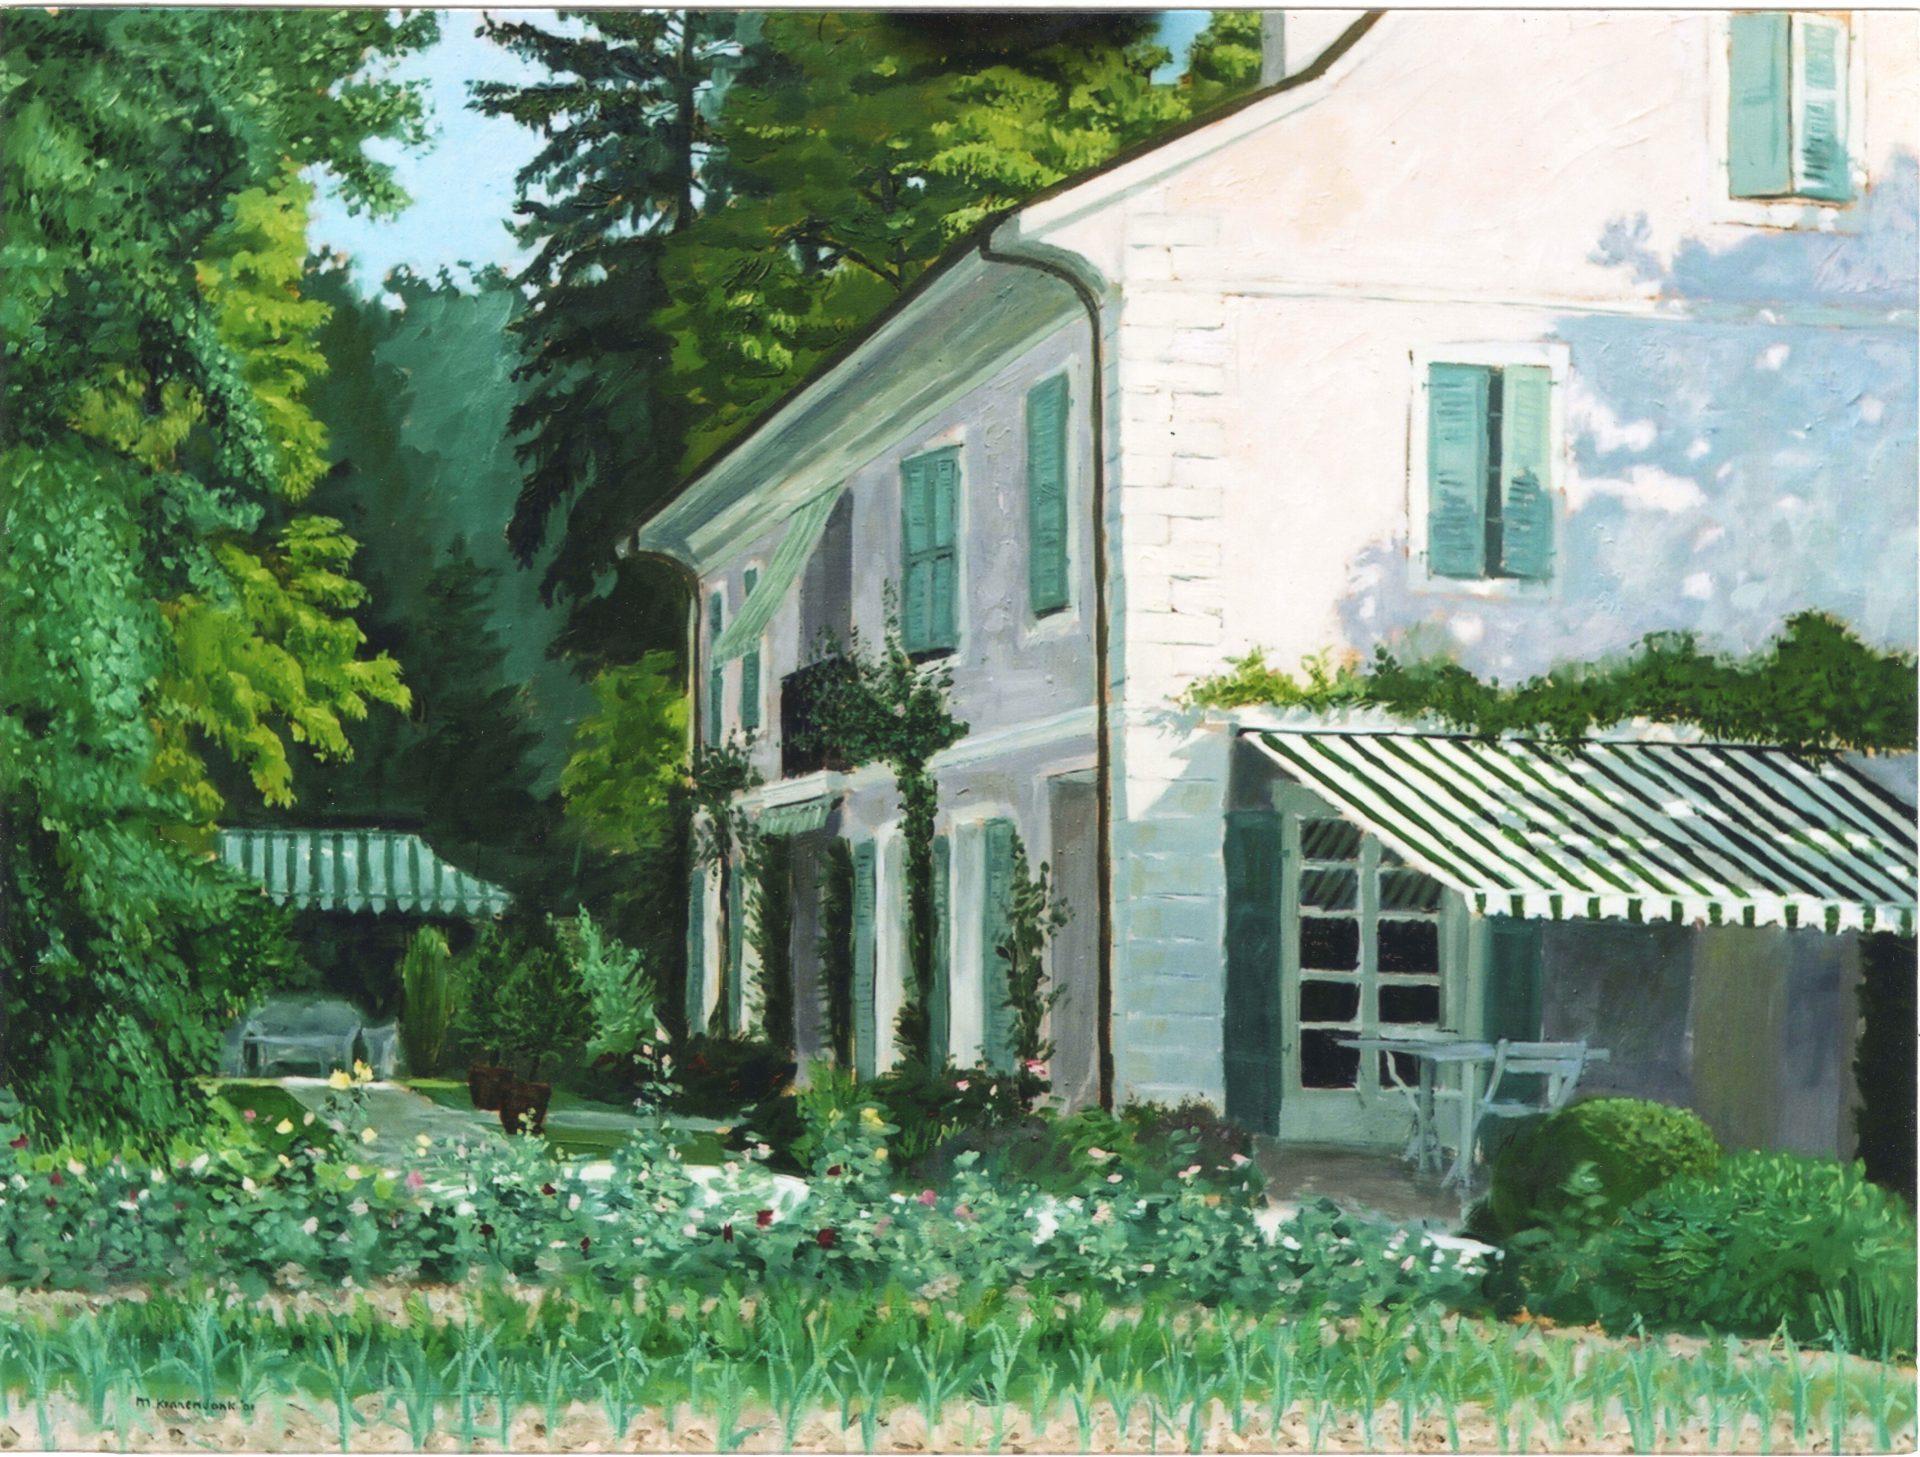 Huisportret in opdracht, zonnig olieverfschilderij van woonhuis en tuin , aandenken aan woonhuis, huwelijks of jubileum cadeau